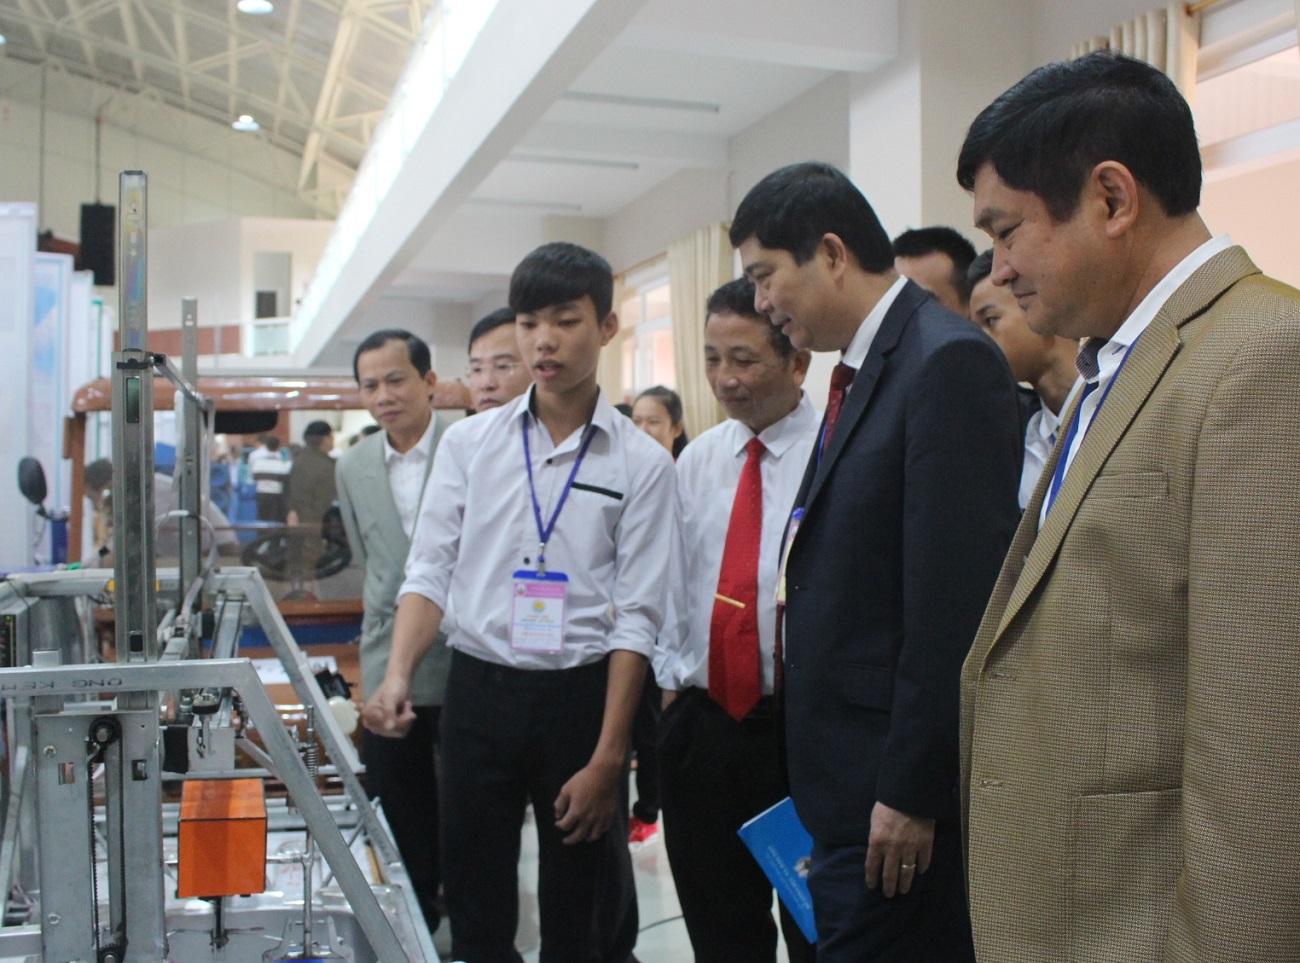 138 sản phẩm, dự án tham dự Cuộc thi khoa học, kỹ thuật dành cho học sinh trung học tỉnh Đắk Lắk năm học 2018-2019